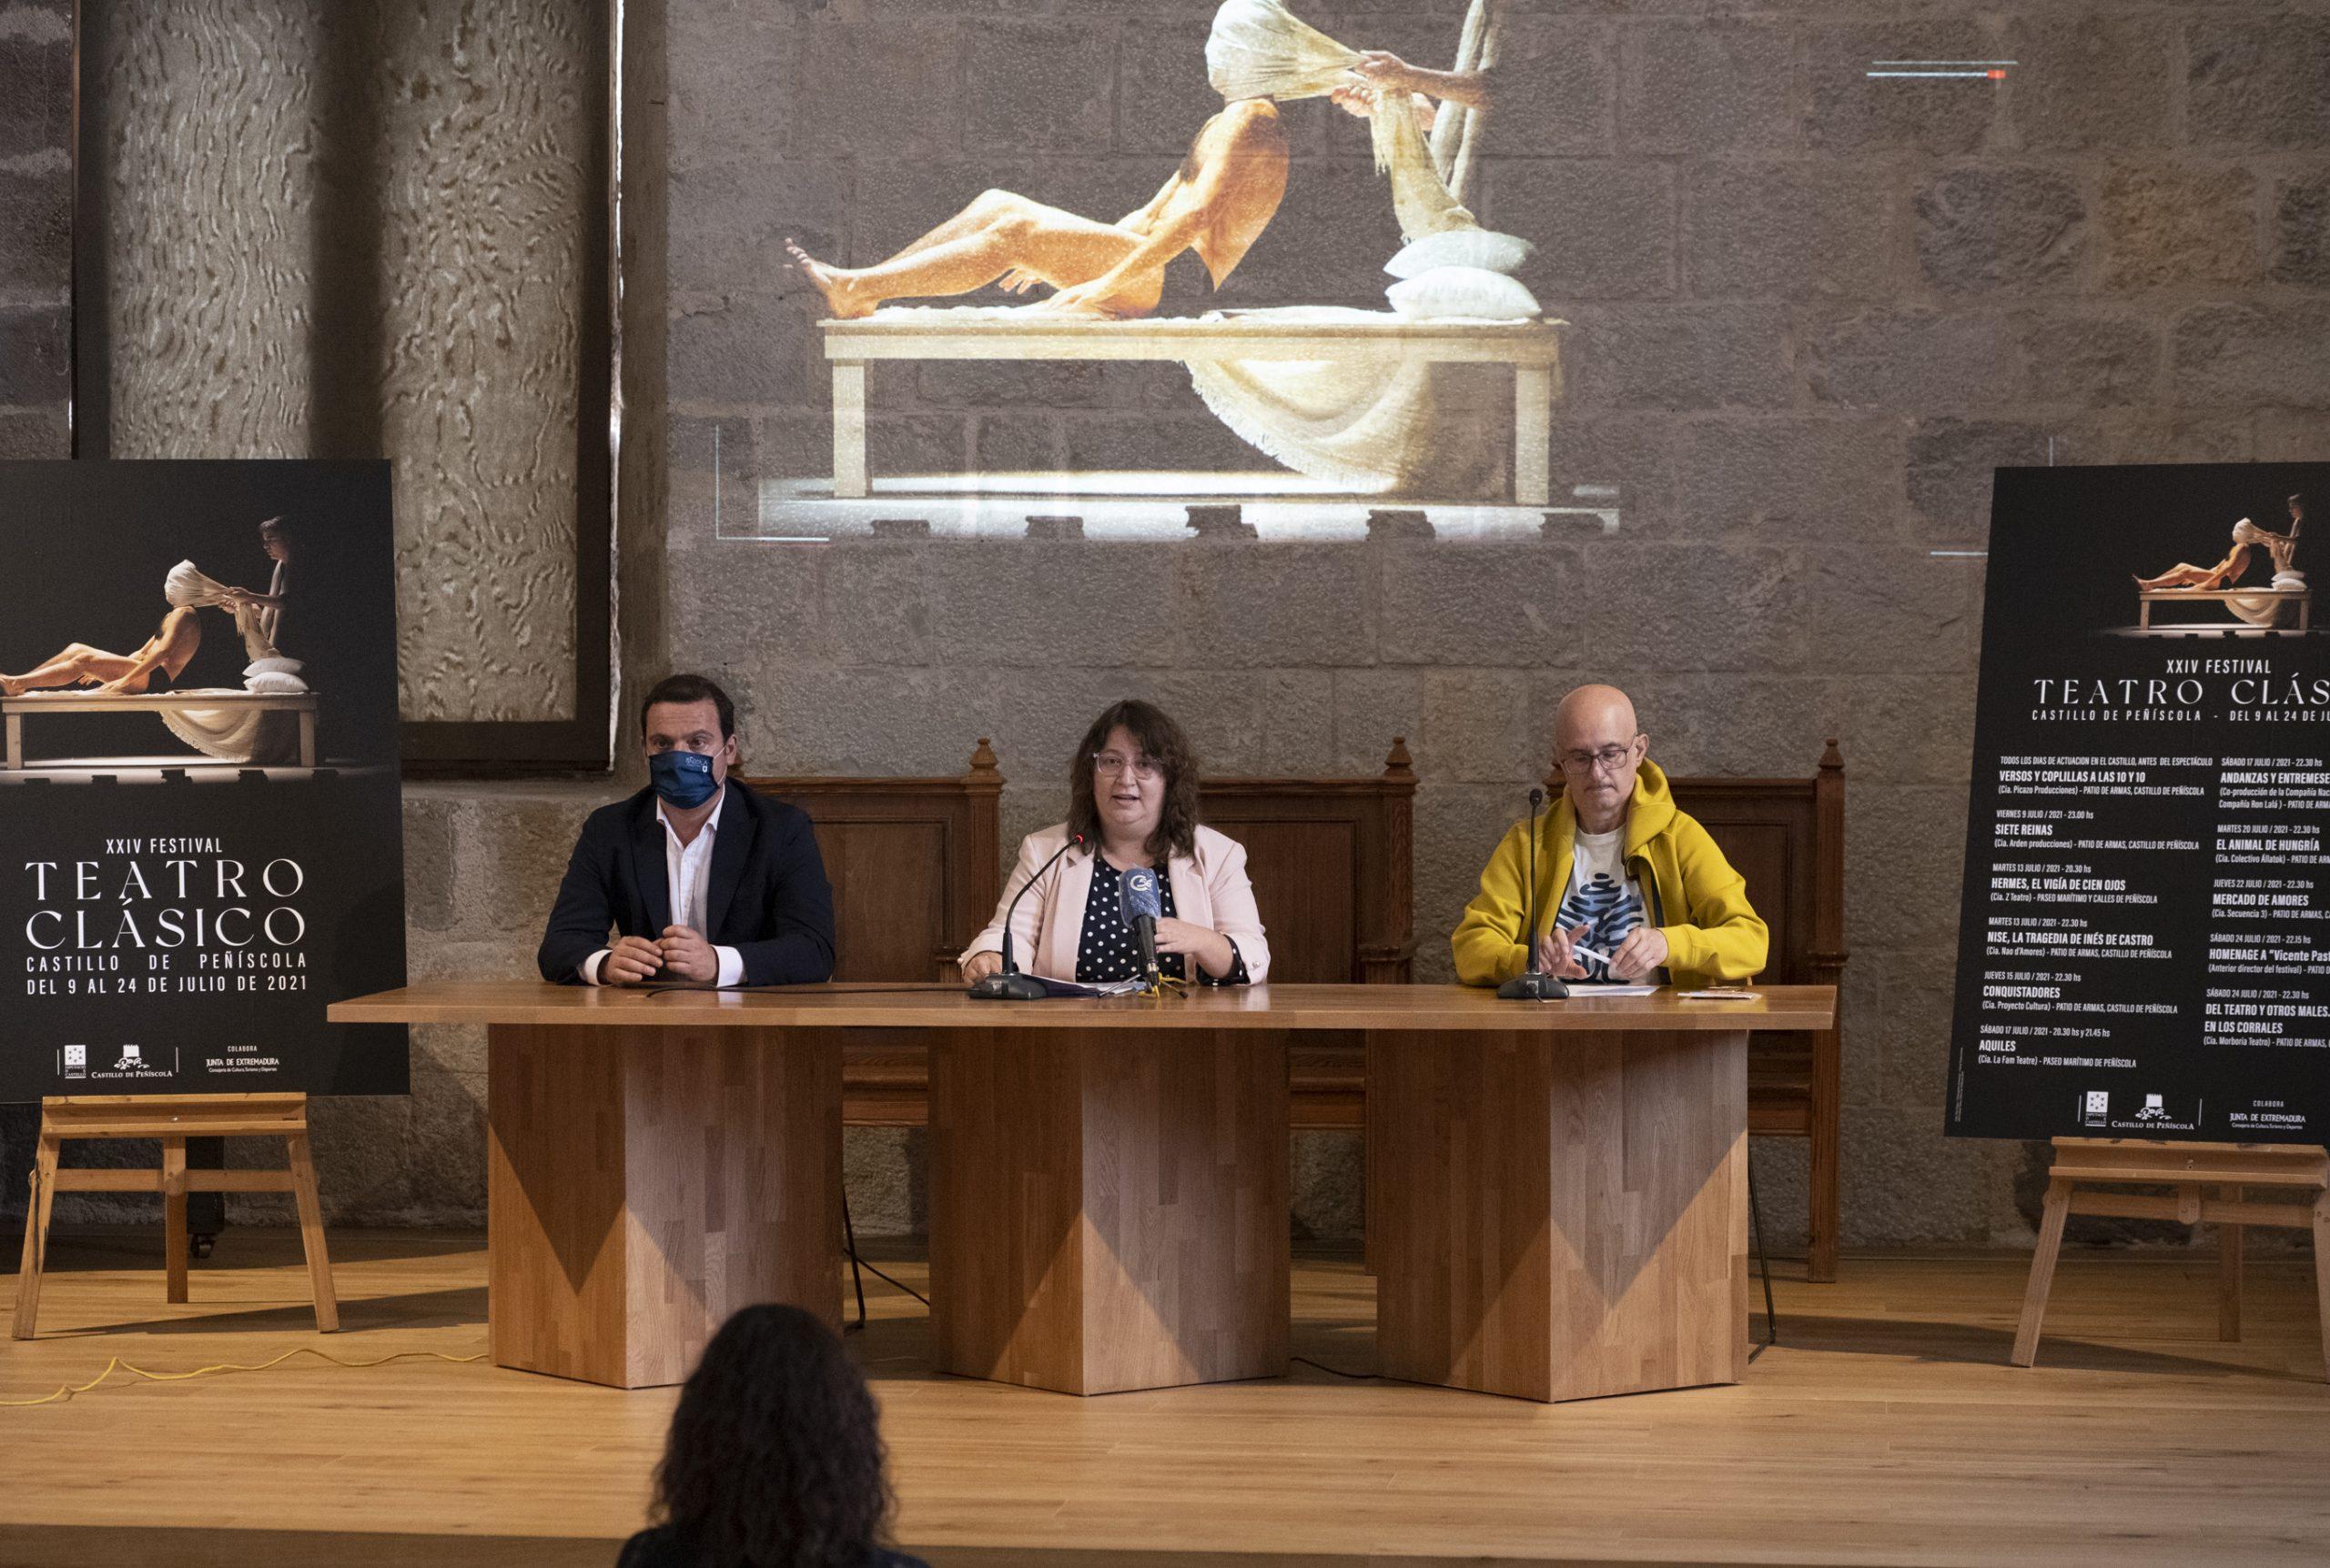 La Diputación de Castellón presenta la XXIV edición del Festival de Teatro Clásico del Castillo de Peñíscola que este año se inspira en la comedia